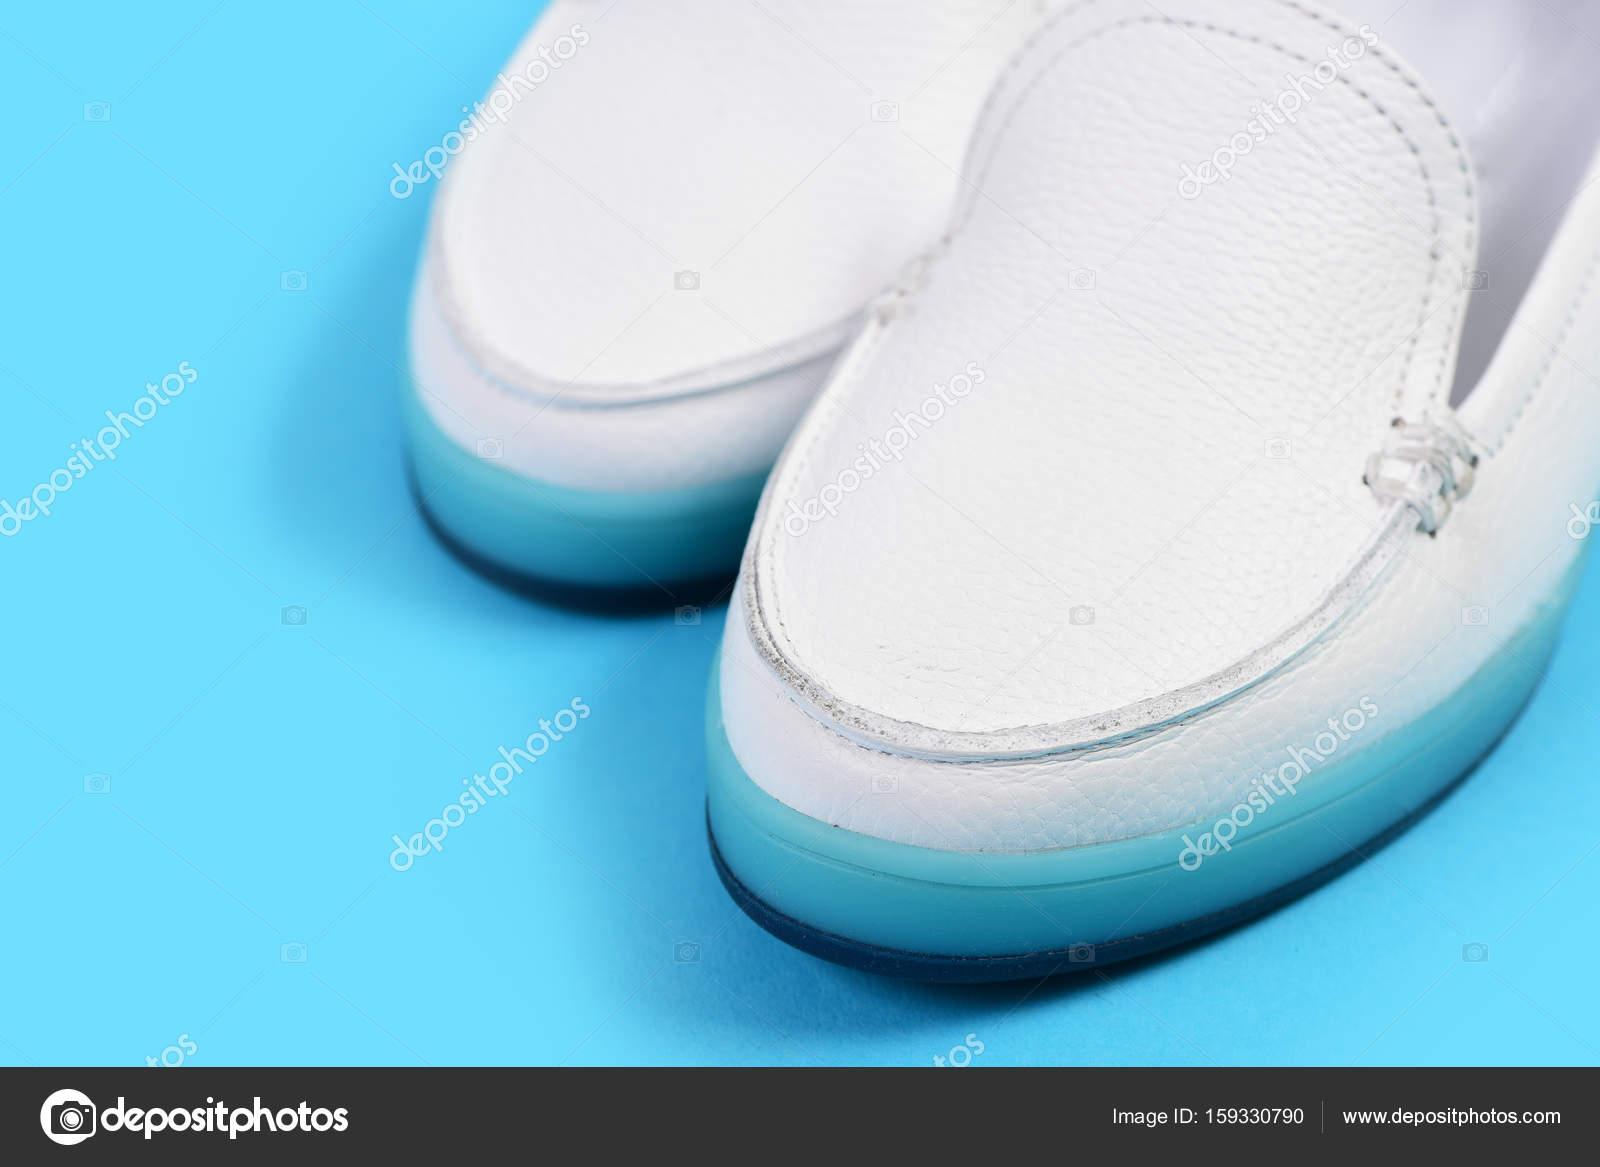 25ed0e78d3f Χαμηλό τακούνι παπούτσια σε στυλ αθλητικών. Ζευγάρι γυναικεία ...